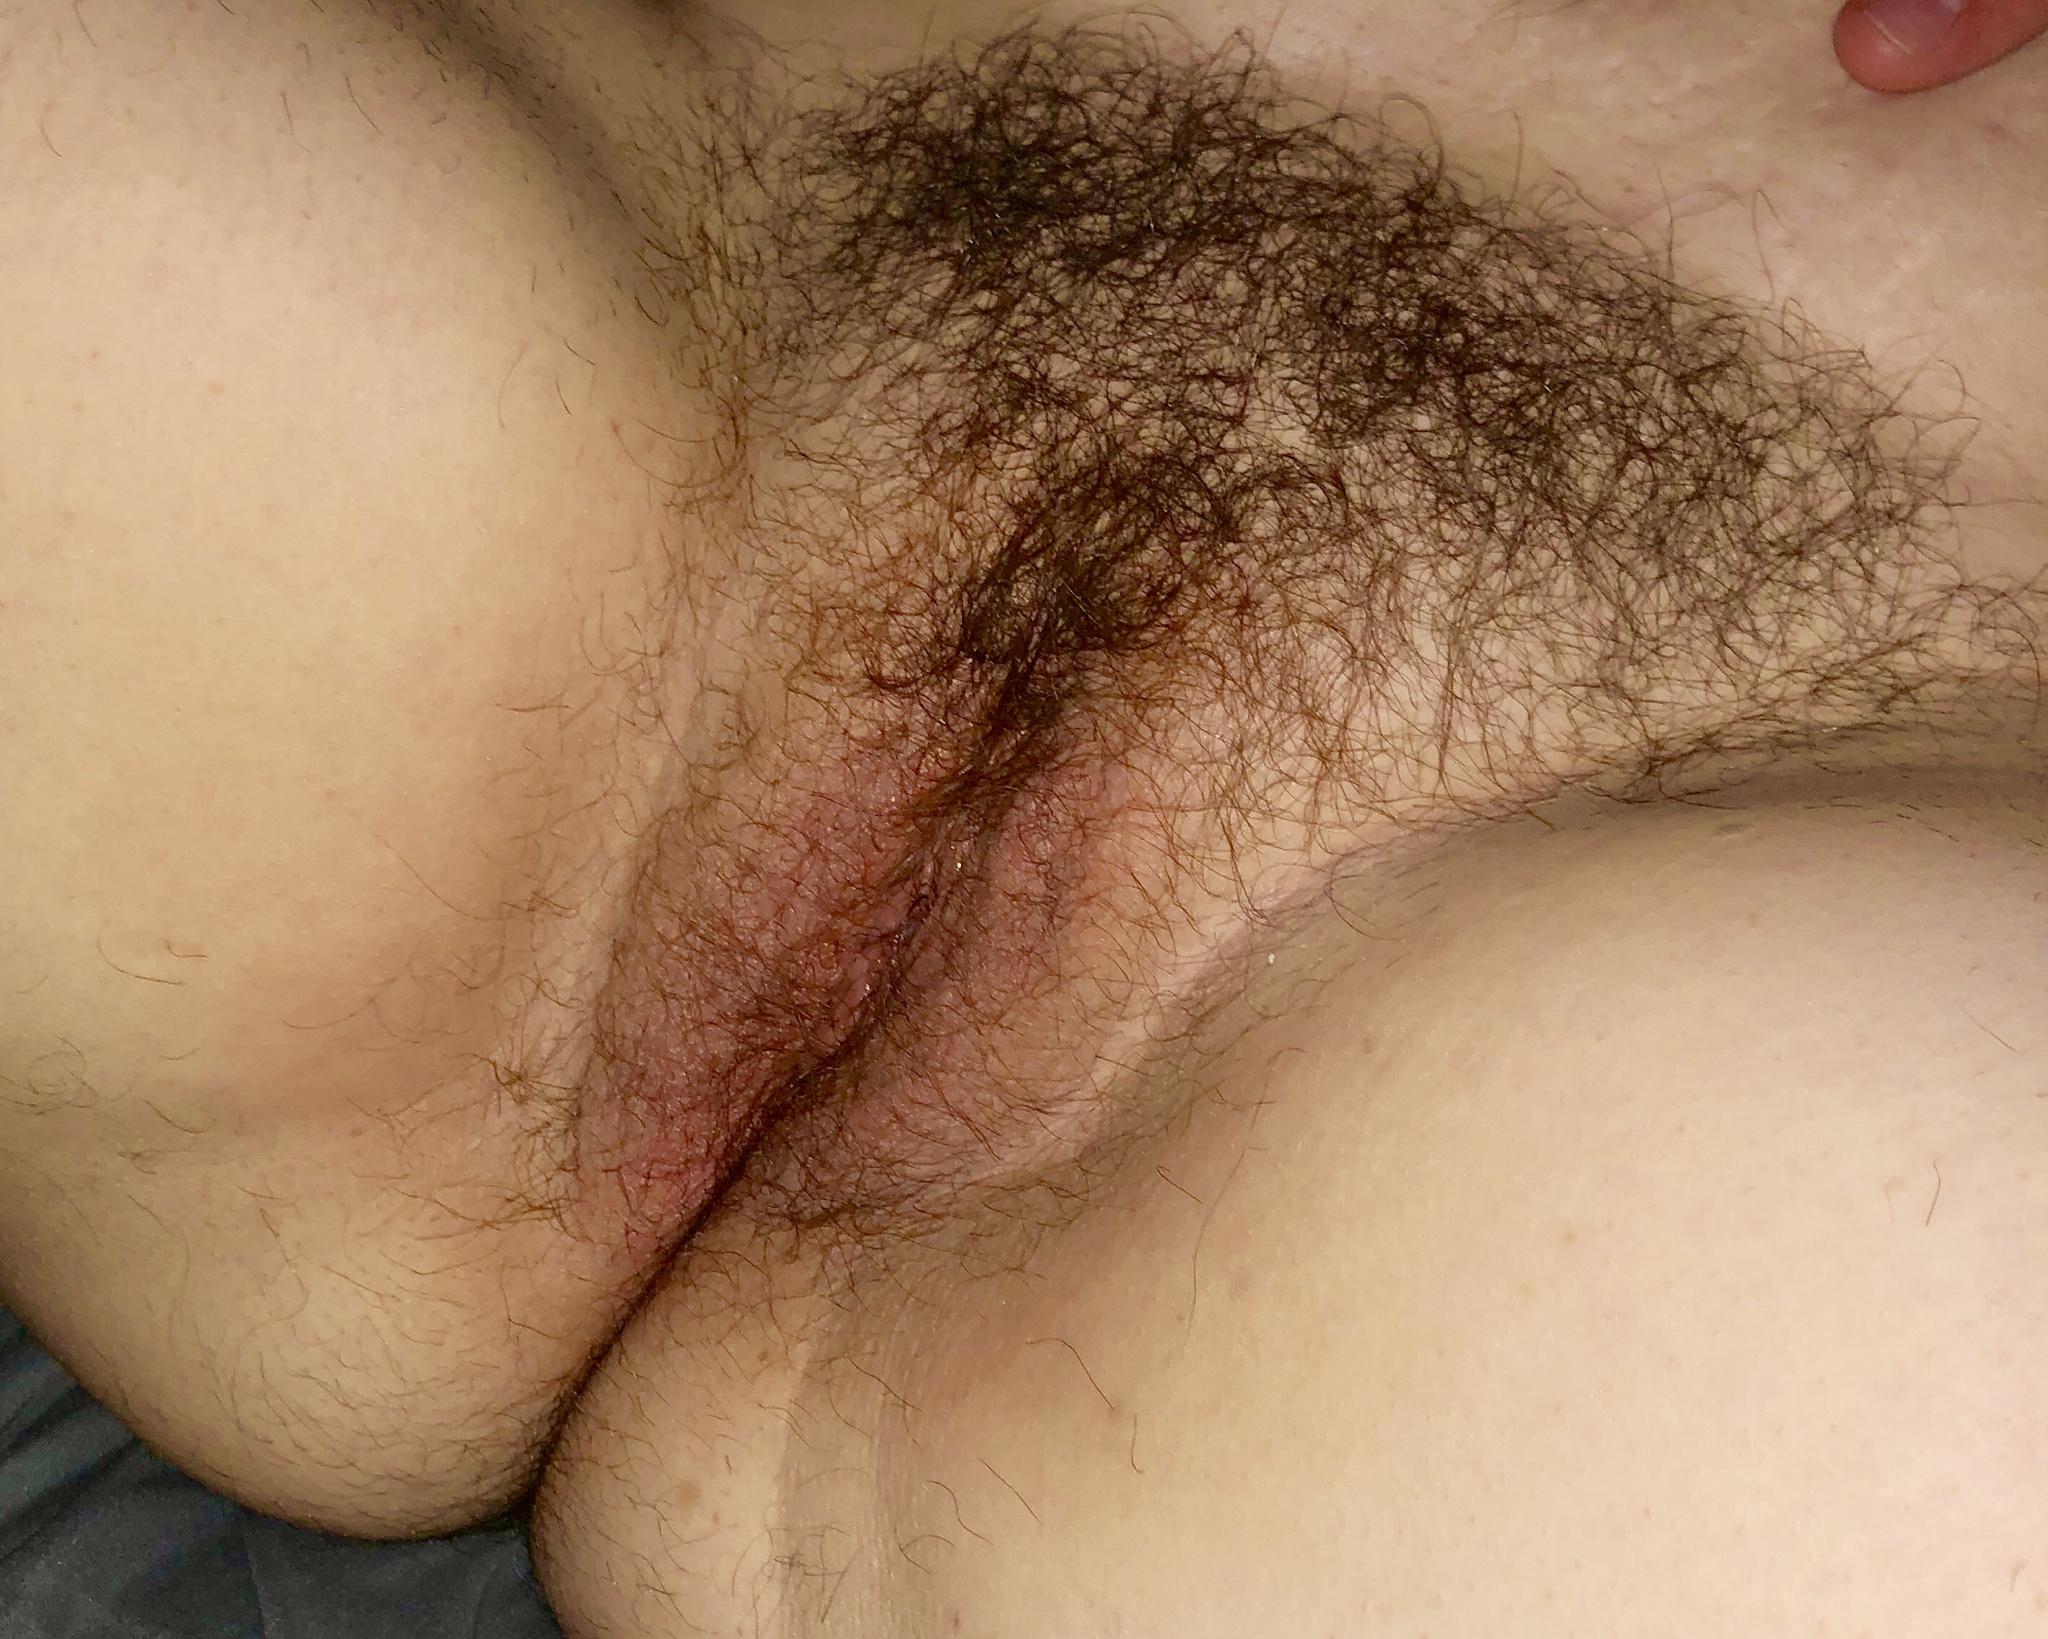 Melanie uk big brother nude